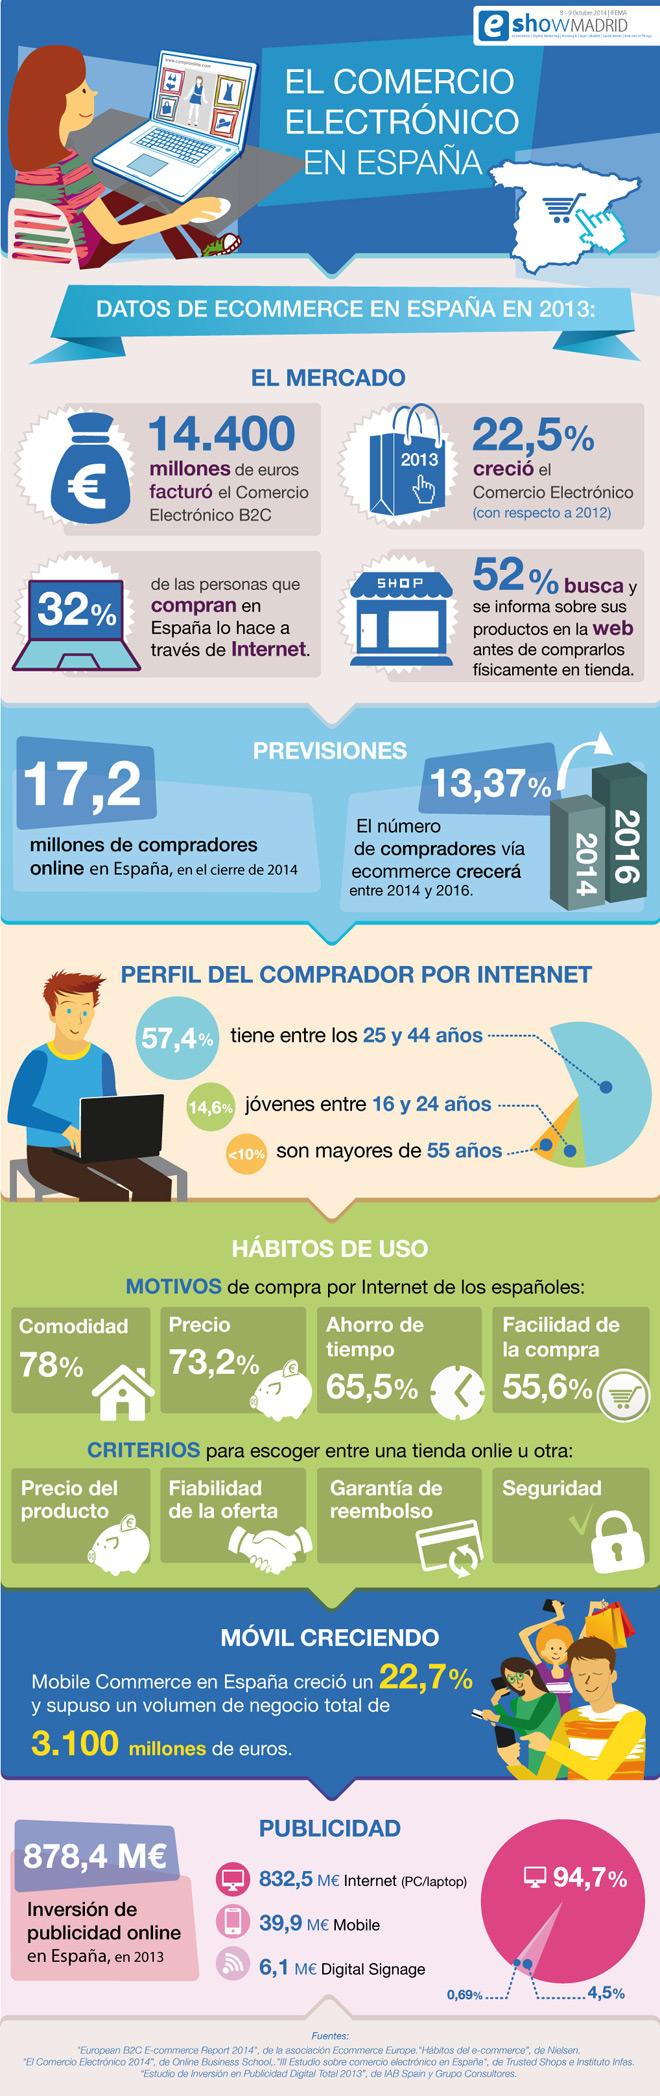 comercio-electronico-espana-eshow-madrid-2014-blog-hostalia-hosting